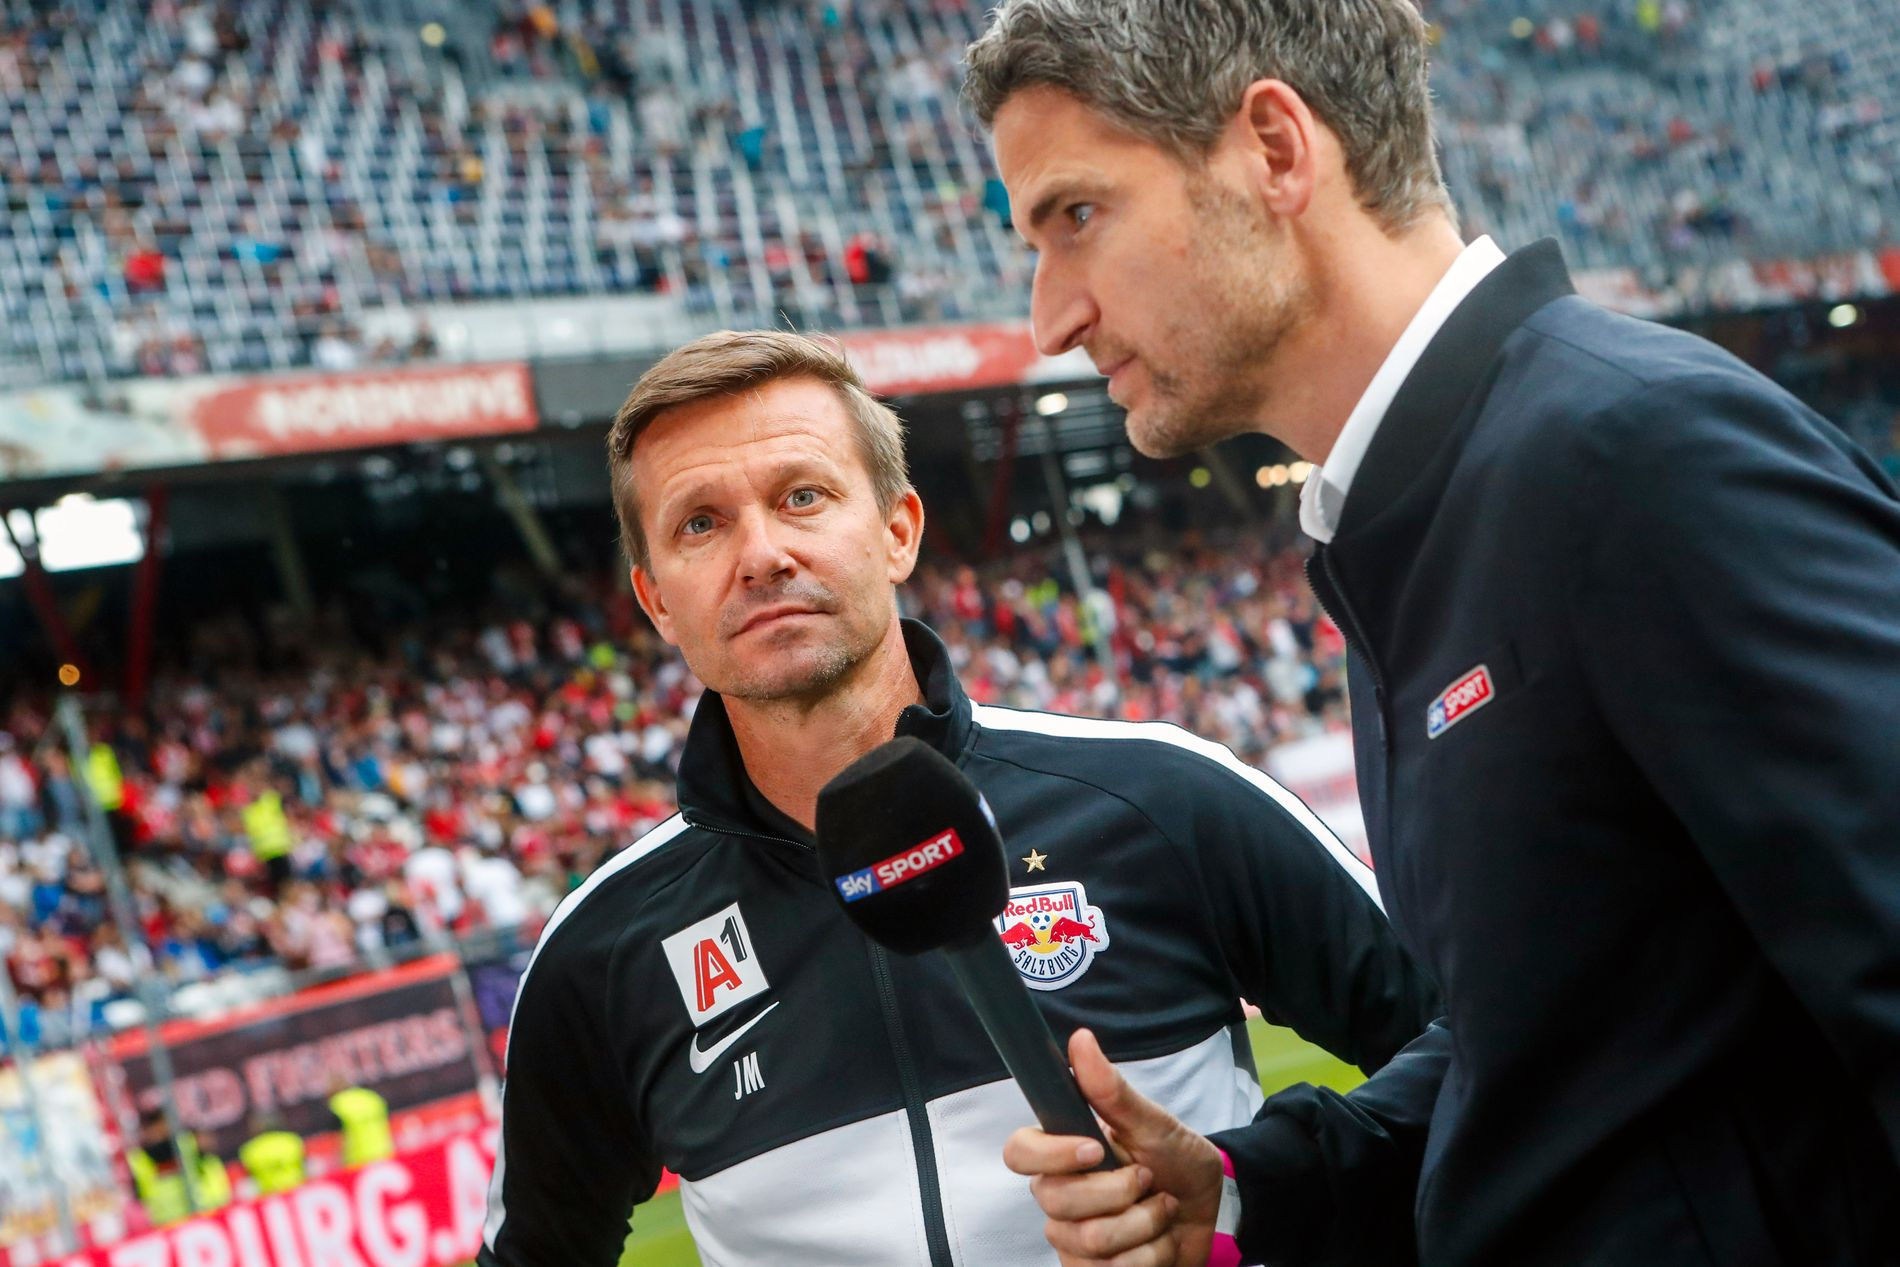 Salzburg-trener Jesse Marsch er imponert over holdningene til tidligere Molde-spiller, Erling Braut Haaland. Her avbildet før treningskampen mot Real Madrid onsdag.